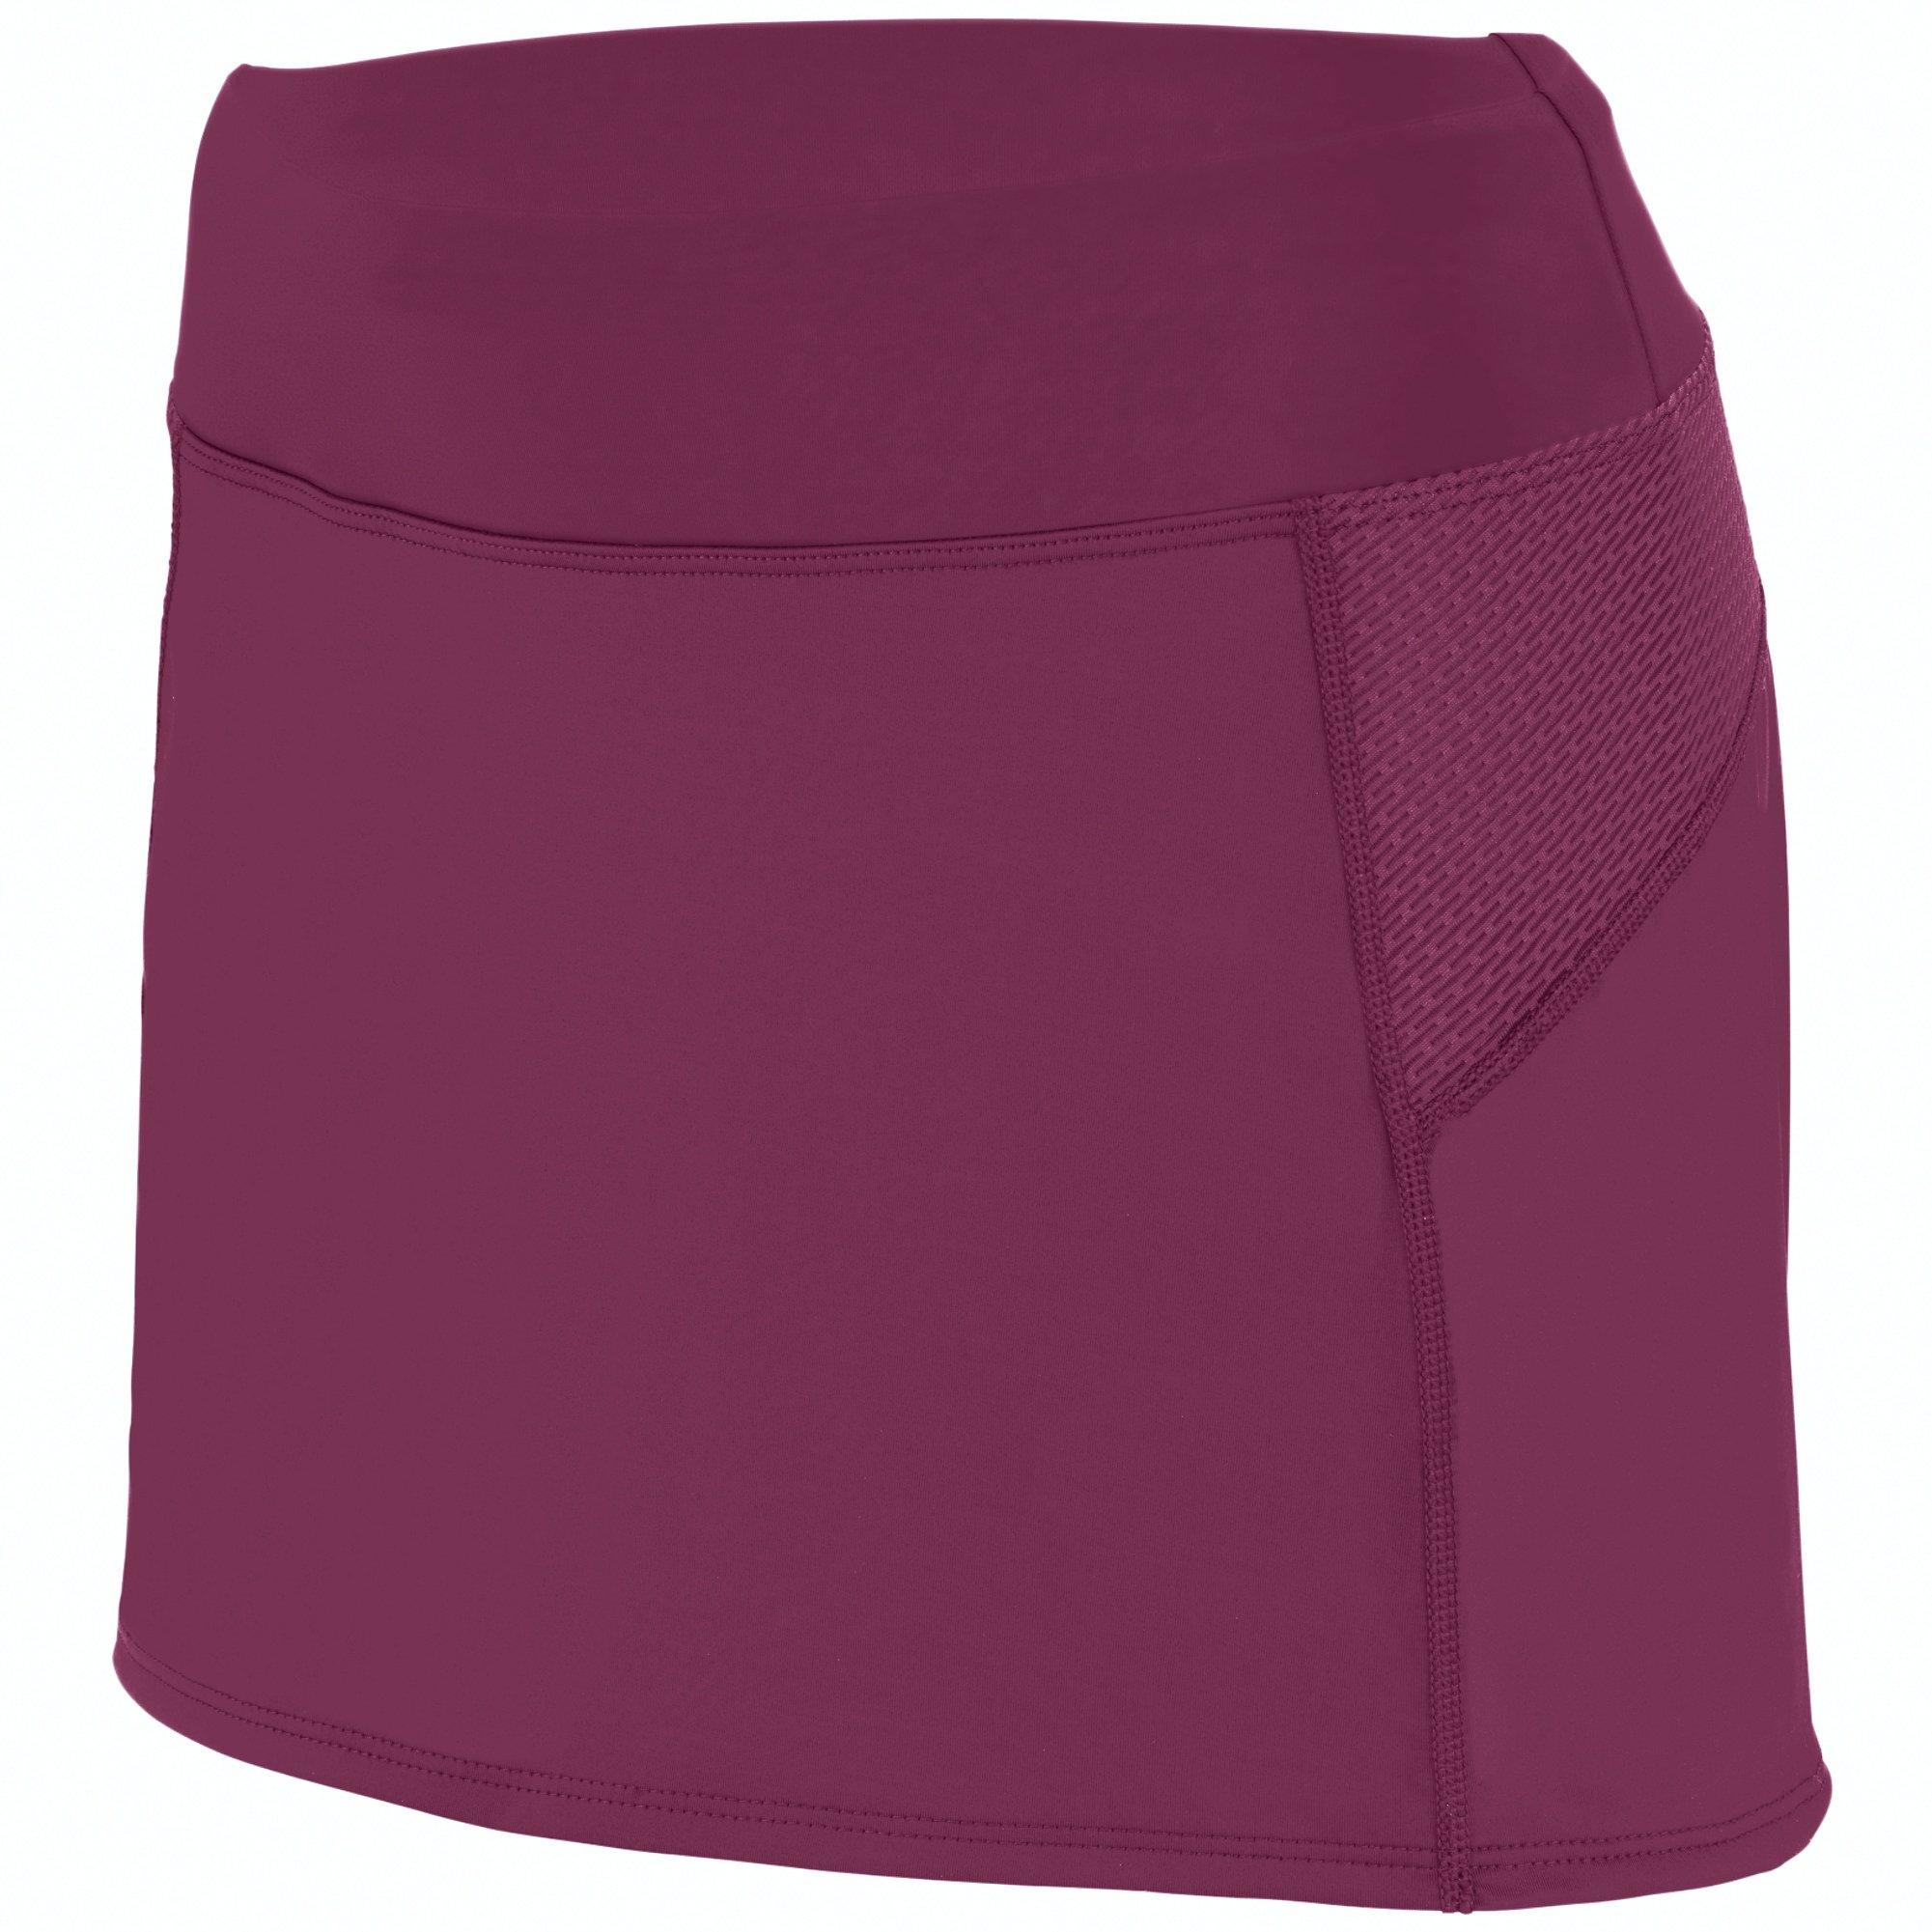 Augusta Sportswear Women's Femfit Skort S Maroon/Graphite